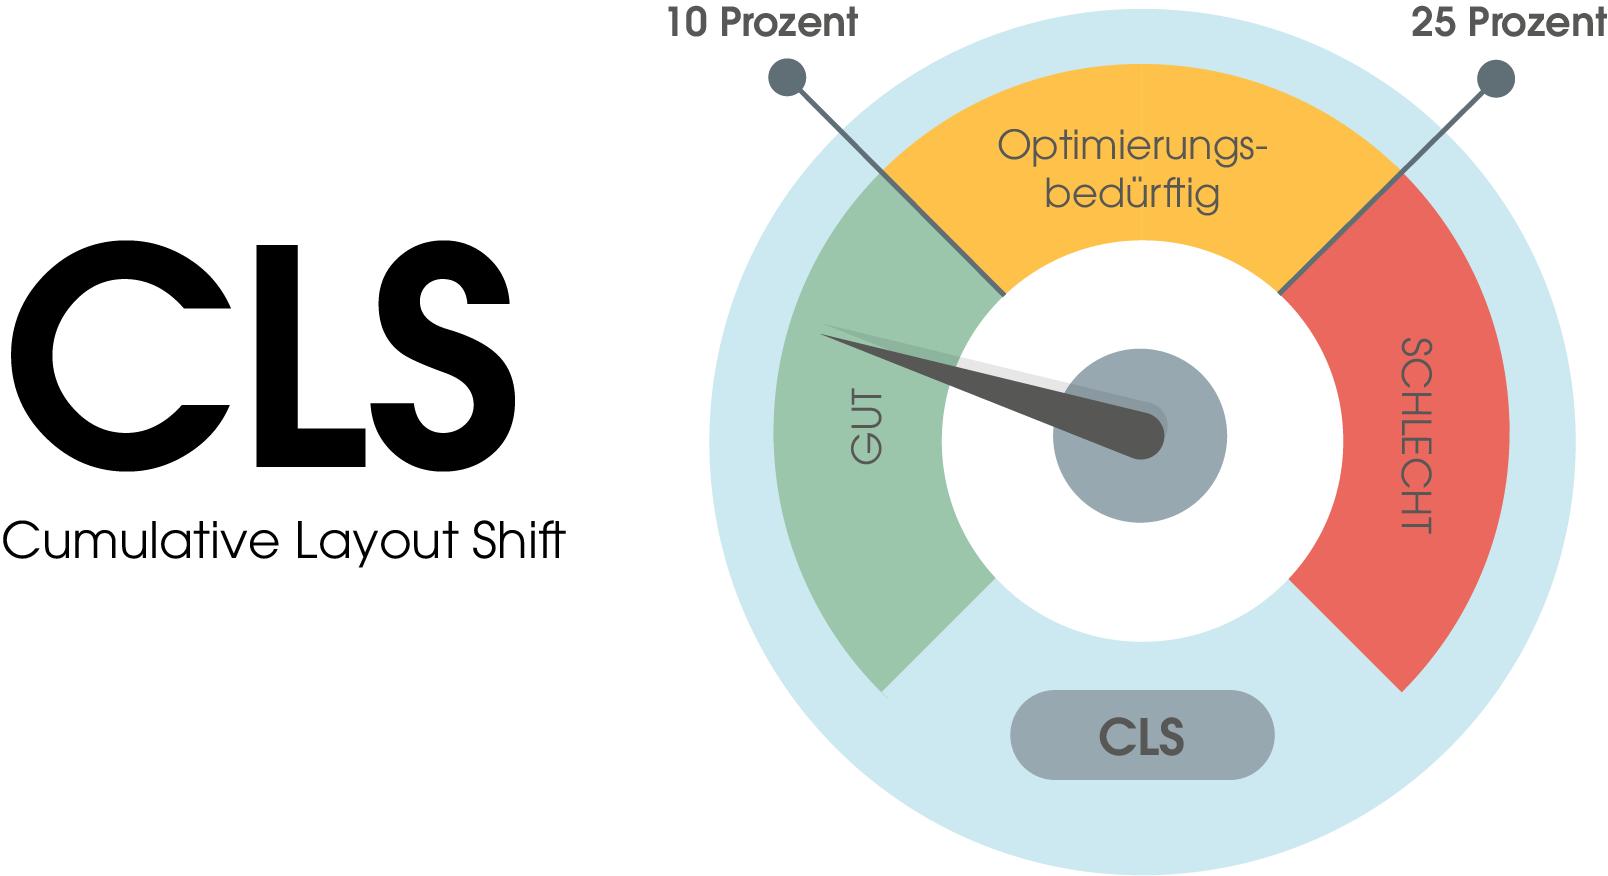 Der CLS (cumulative layout shift)-Score ist in drei Bereiche unterteilt: 1. Gut: 0 bis 10 Prozent Verschiebung 2. Optimierungsbedürftig: 10 bis 25 Prozent Verschiebung 3. Schlecht: 25 Prozent und mehr Verschiebung